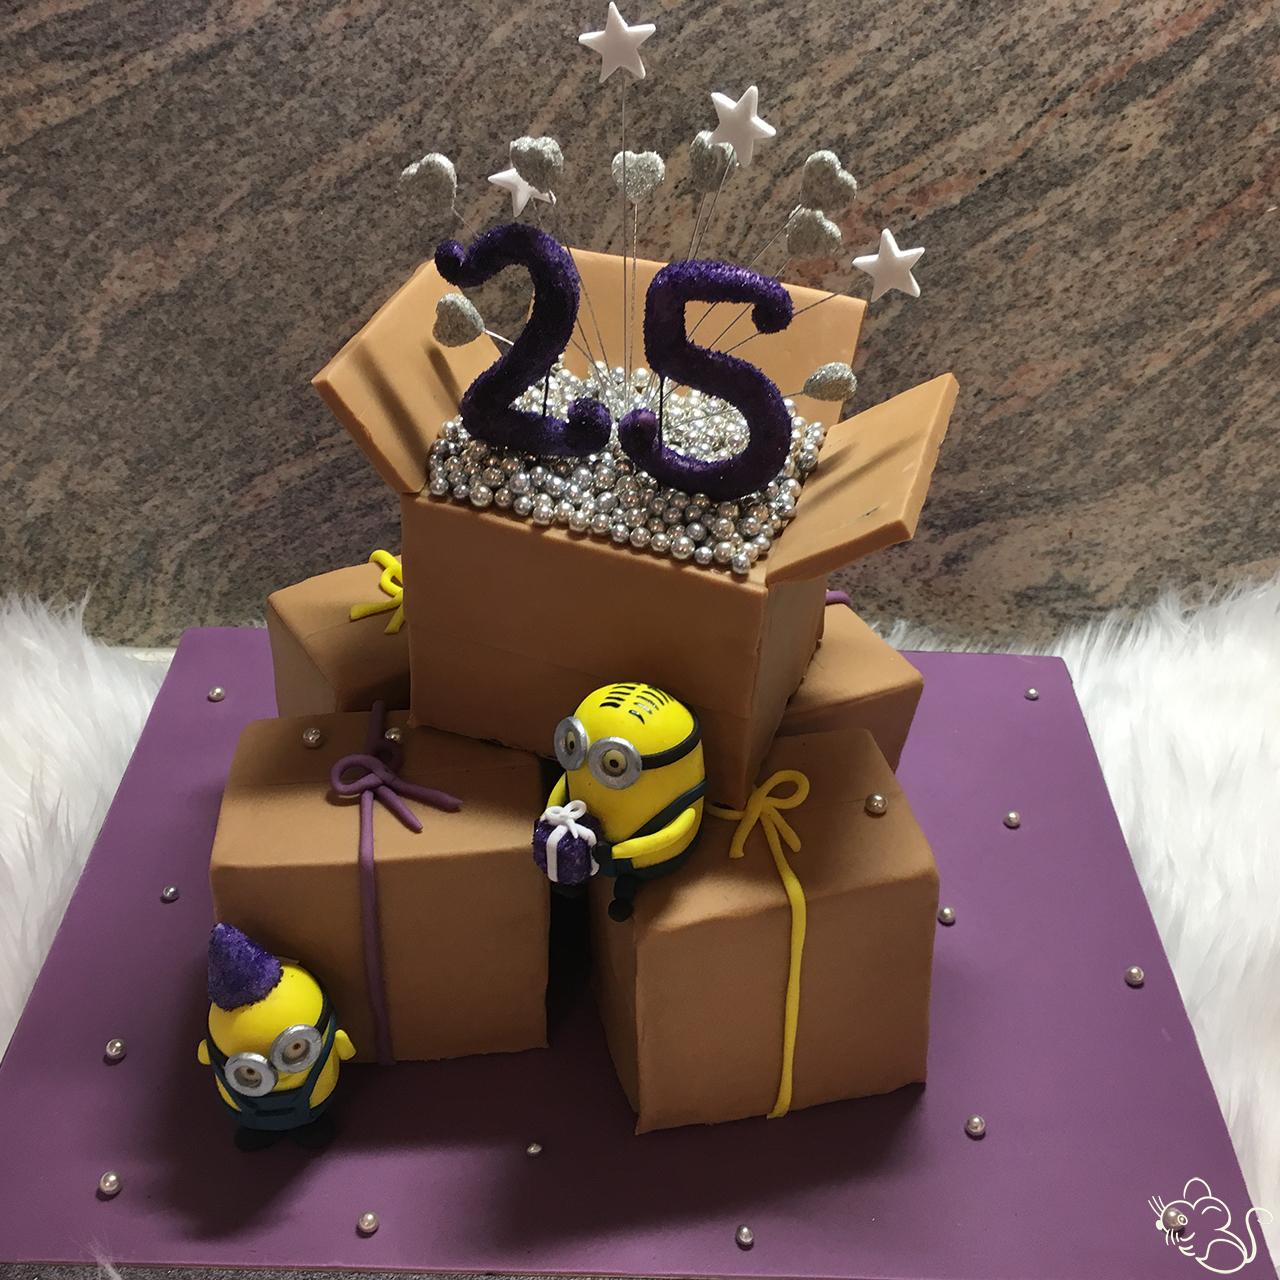 Schachteln Zum 25 Geburtstag Zuckermaus